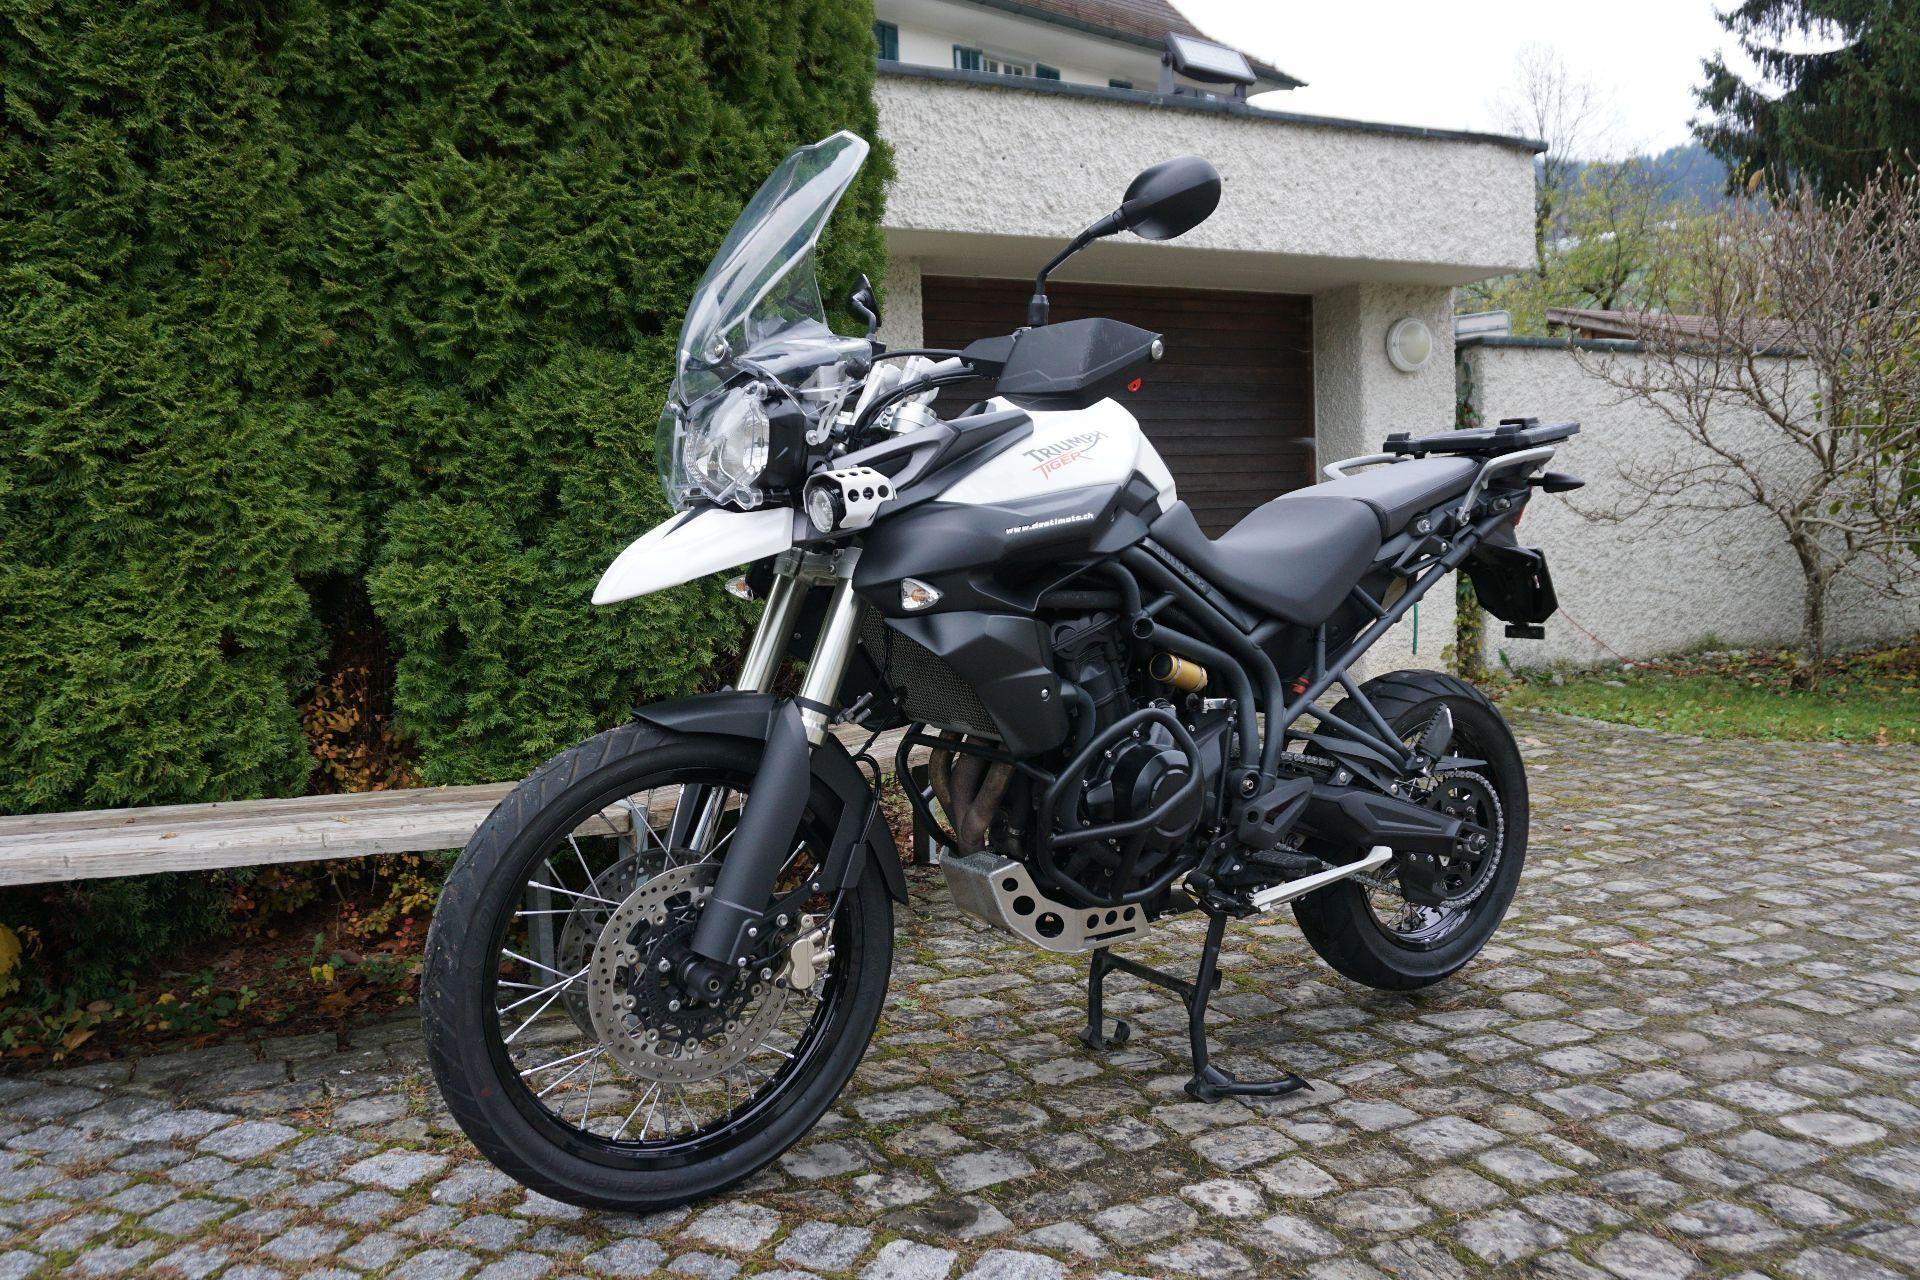 motorrad occasion kaufen triumph tiger 800 xc abs destimoto lichtensteig. Black Bedroom Furniture Sets. Home Design Ideas